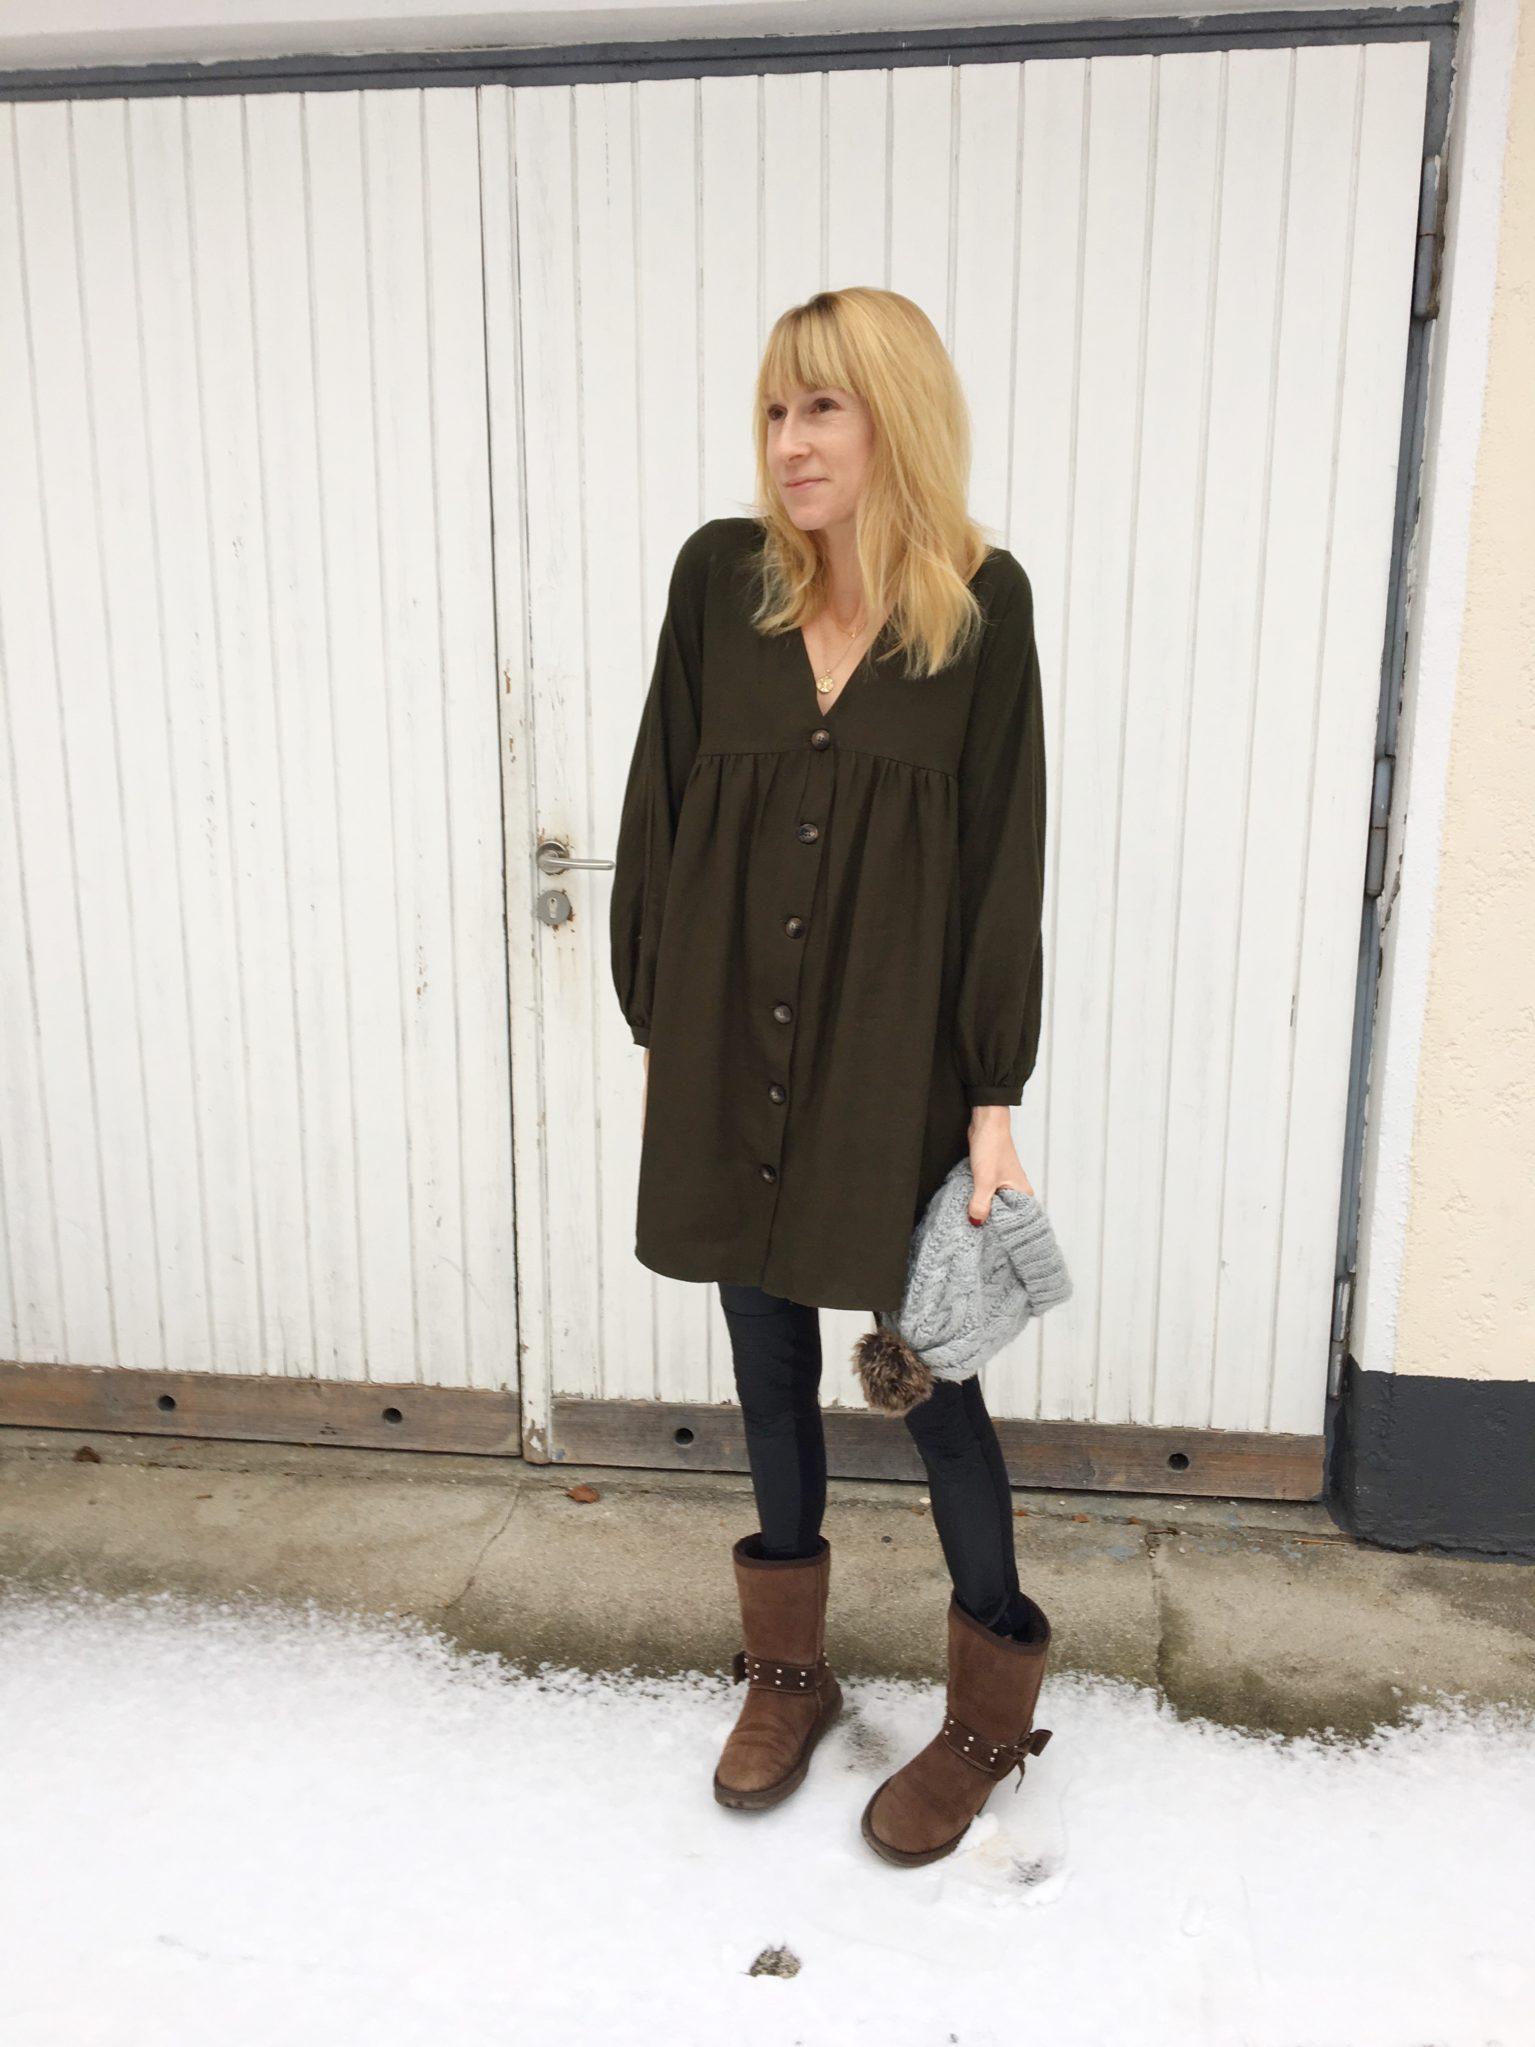 5e1d5288f6b482 Es ist in einem dunklen grün und aus einem dicken Baumwollstoff. Durch die  langen Ärmel ist das Kleid mit Knöpfen ideal für kalte Tage.